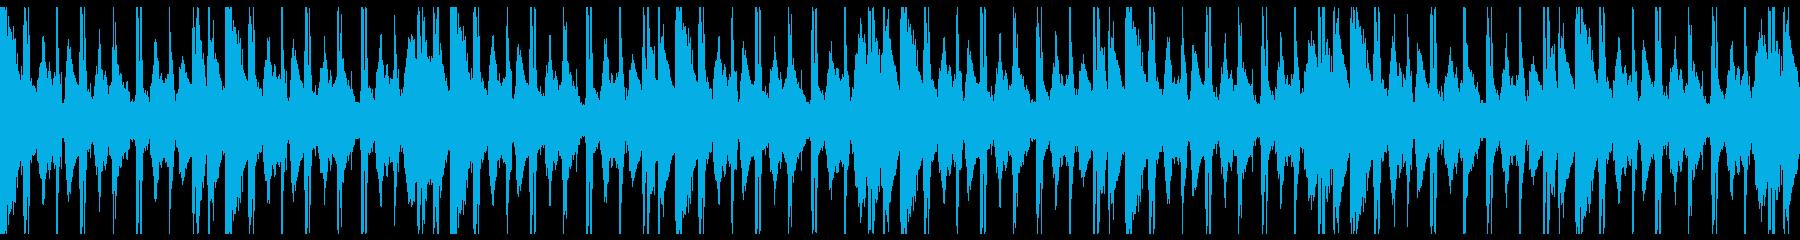 Loop ピアノとウッドベースのLoFiの再生済みの波形